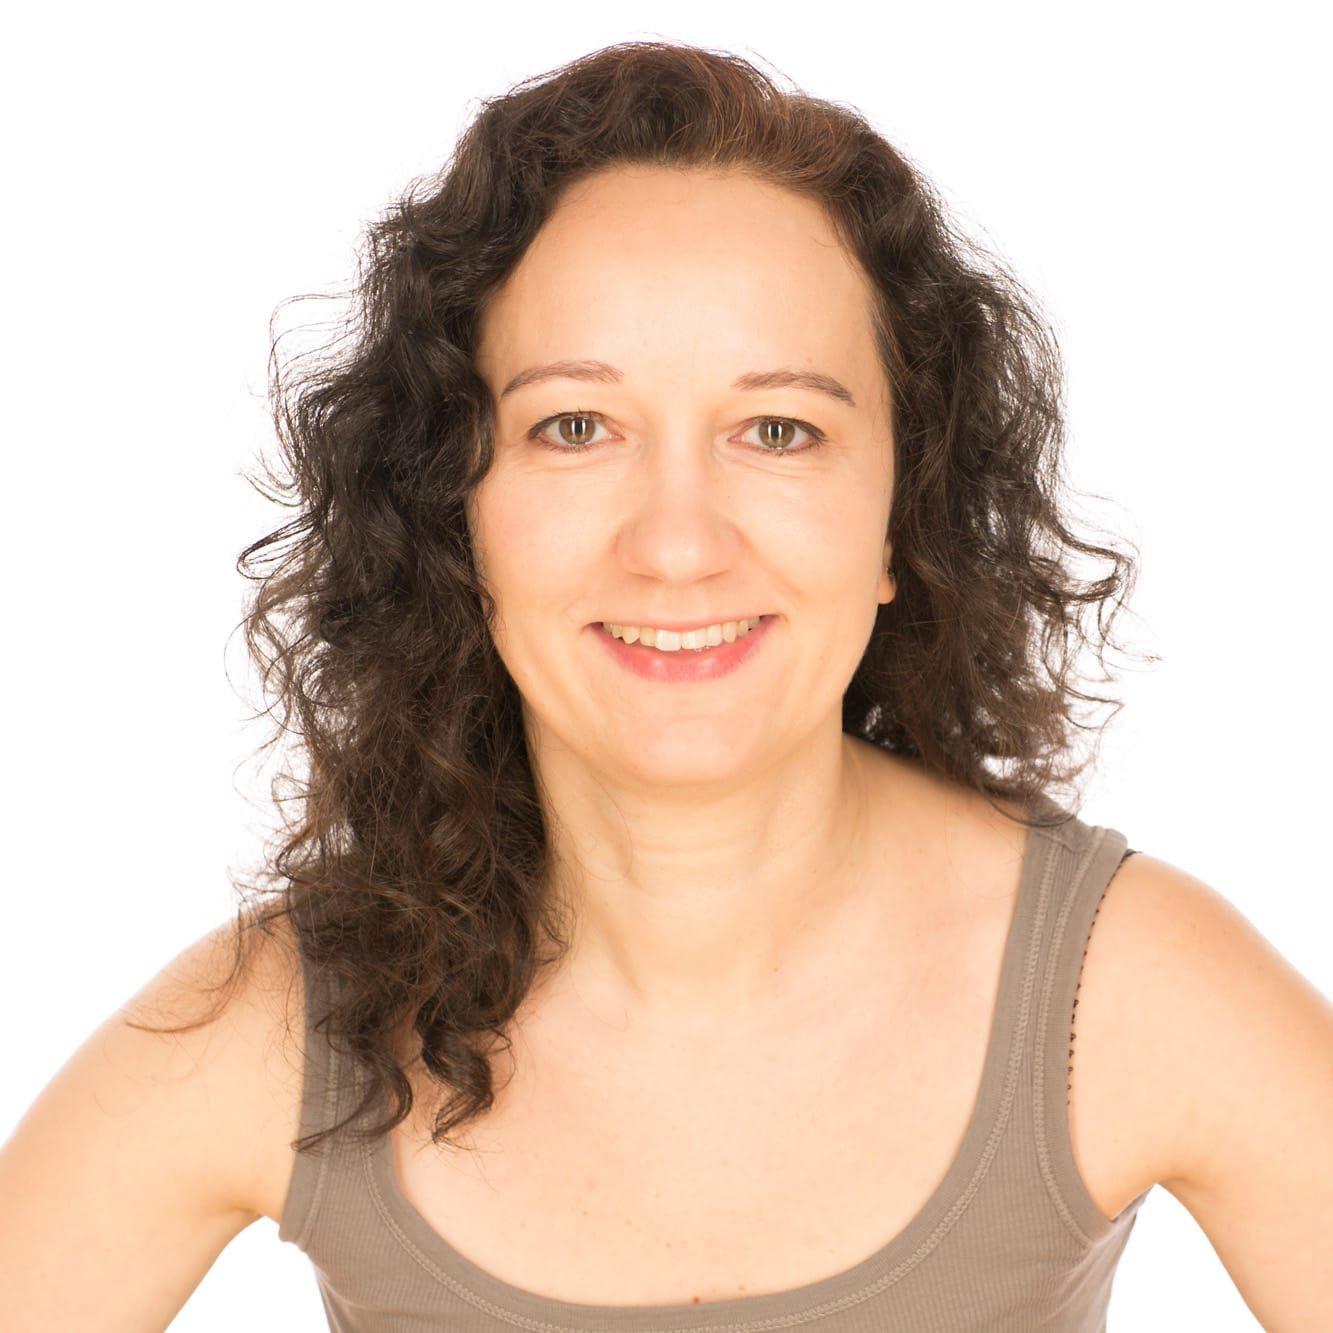 Irmgard Stein ist ausgebildete Yogalehrerin und unterrichtet u.a. Anusara Yoga Spiraldynamik® bei YOGA-MA in Stuttgart